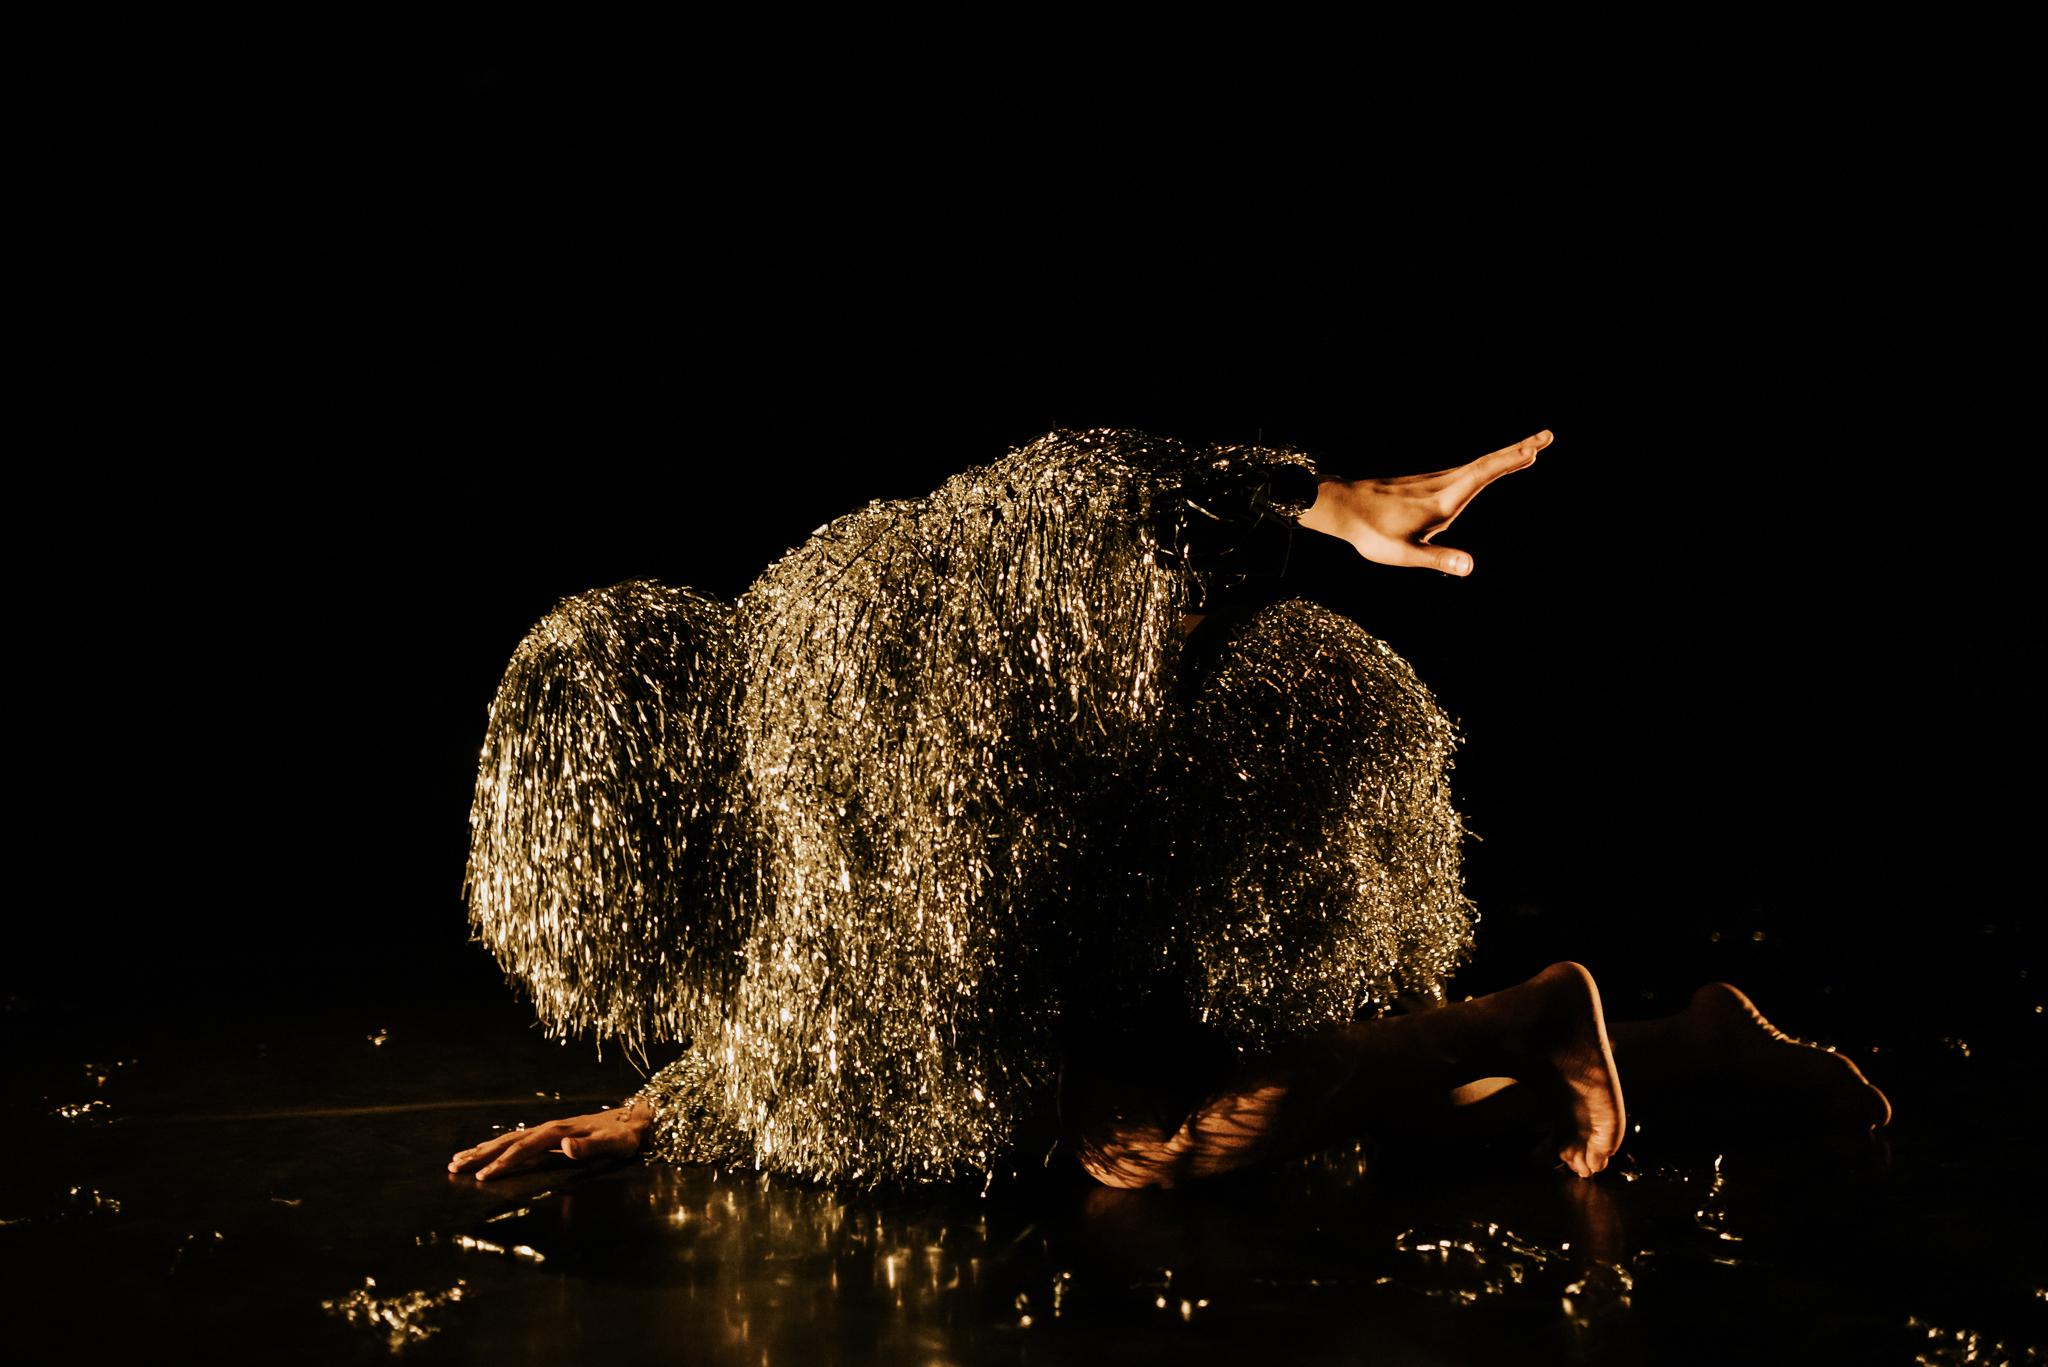 Image by Tiu Makkonen